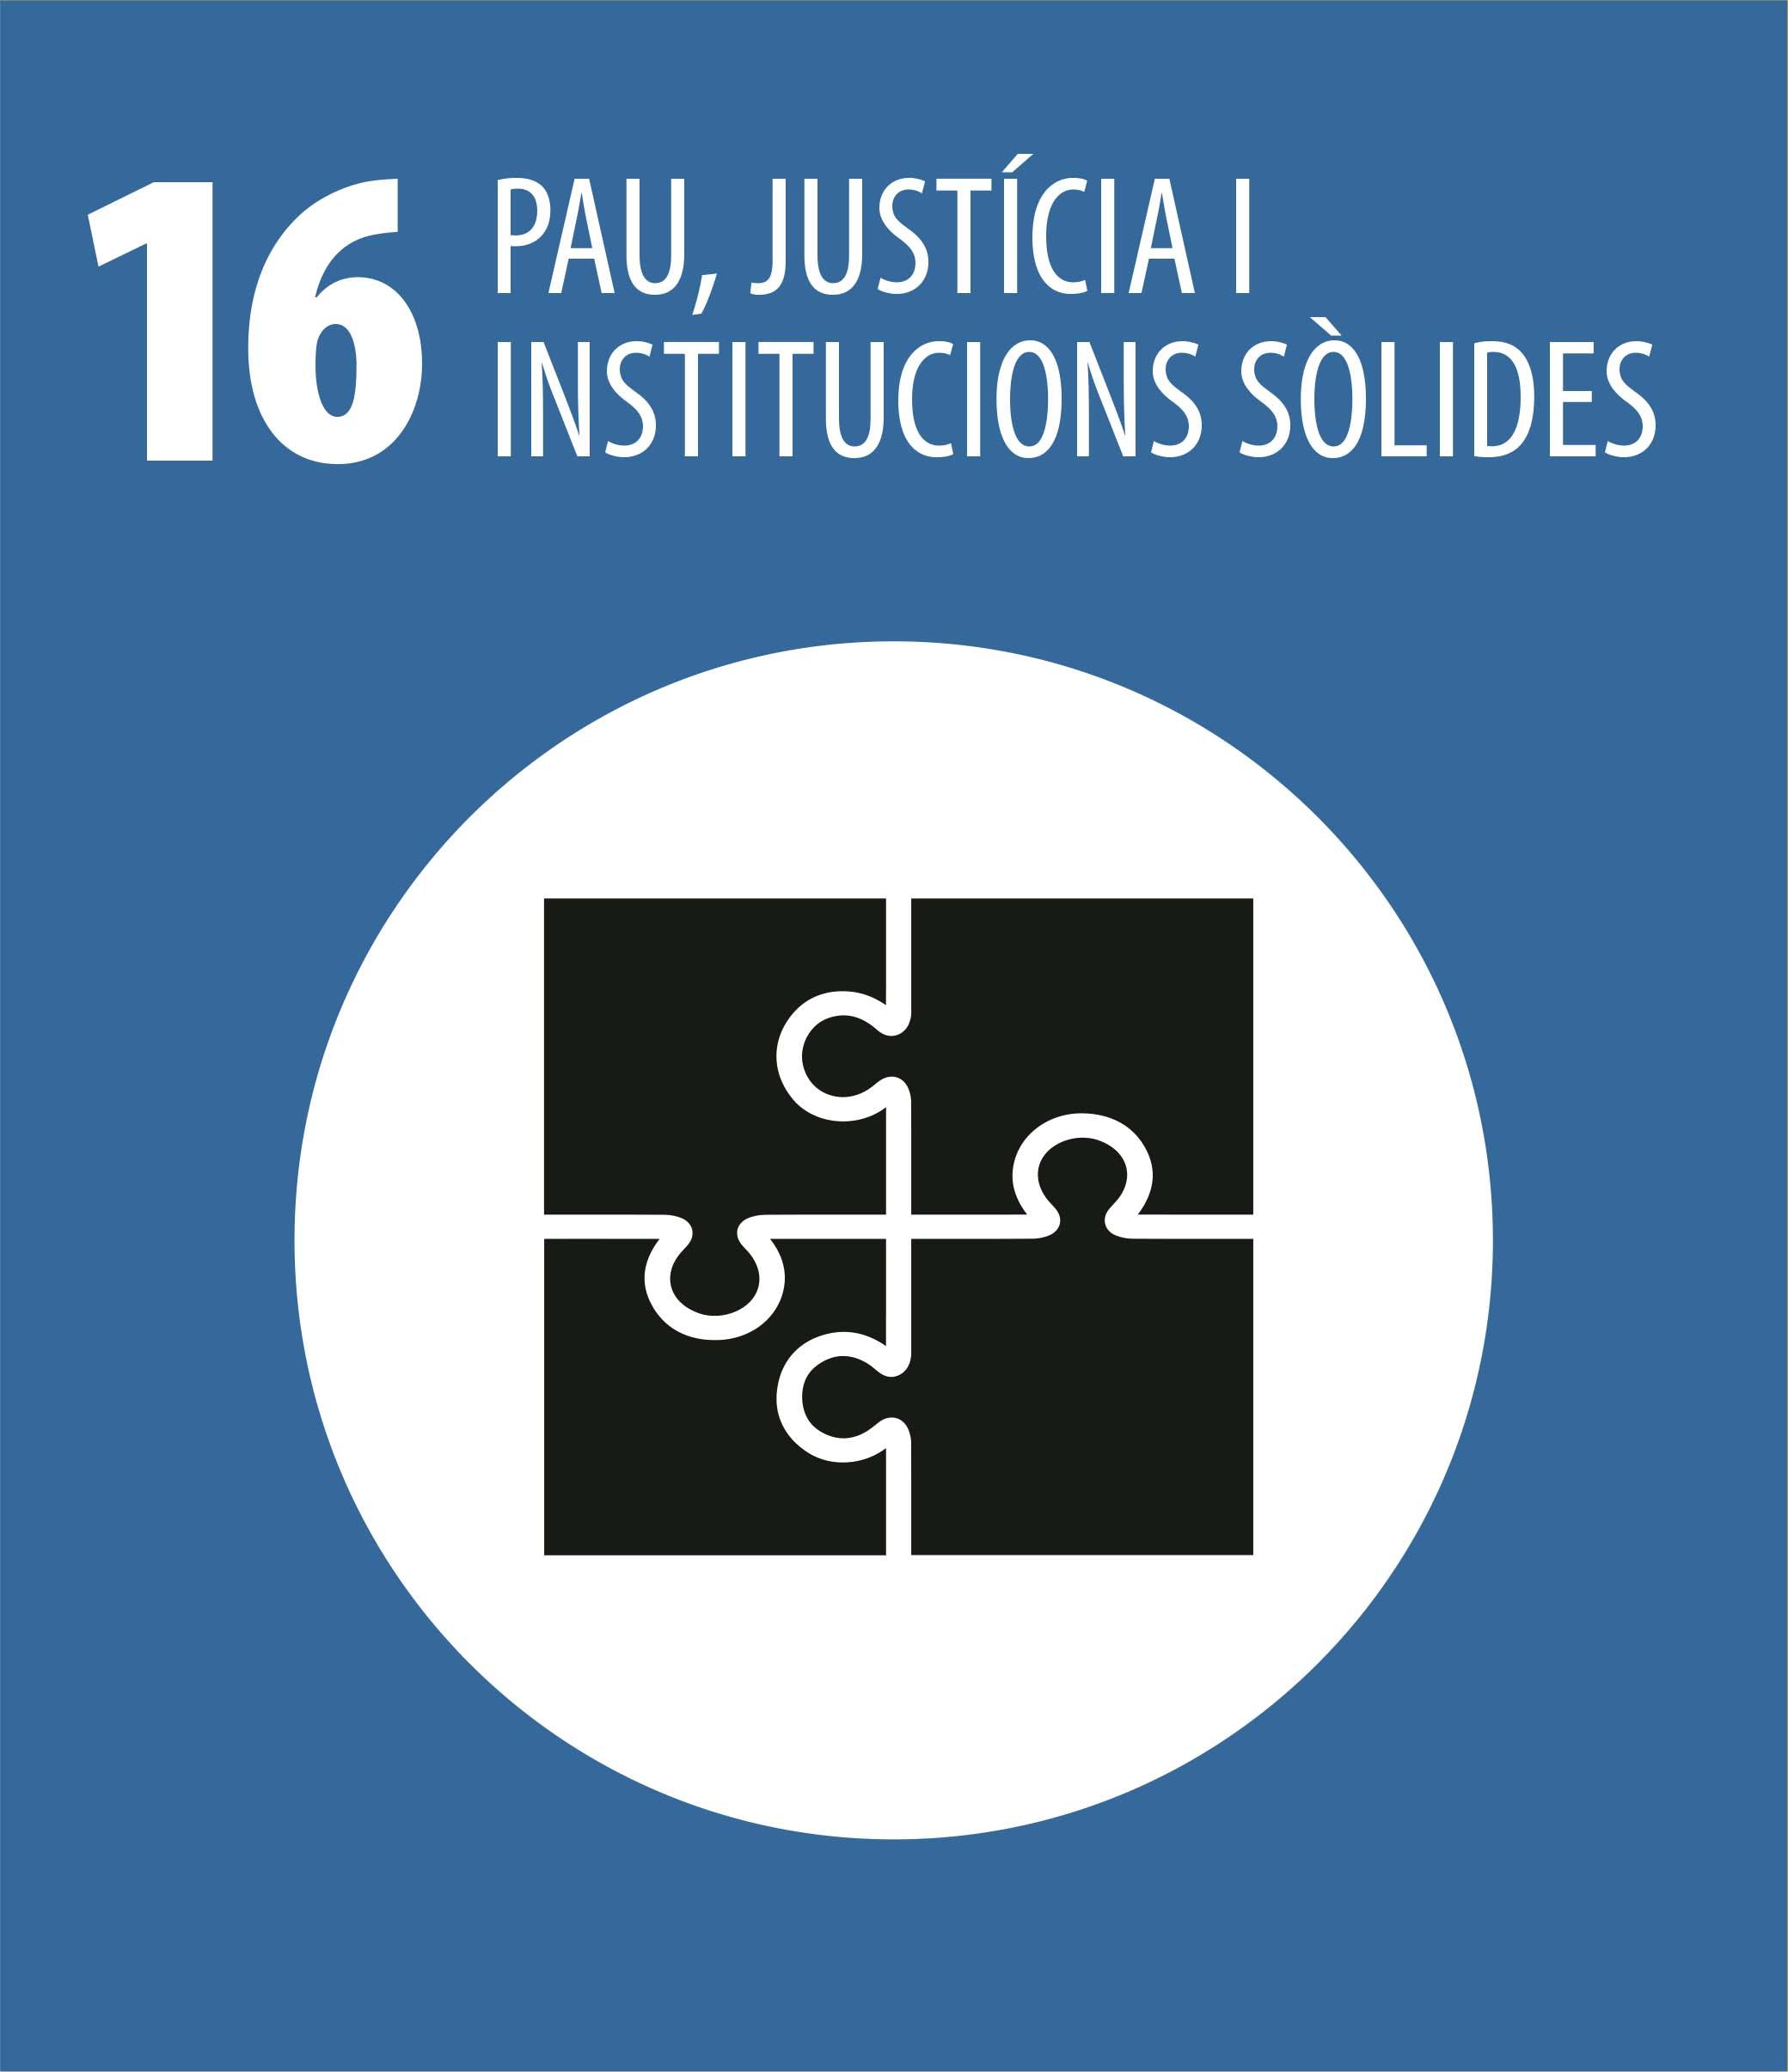 ODS 16 Pau justicia institucions solides